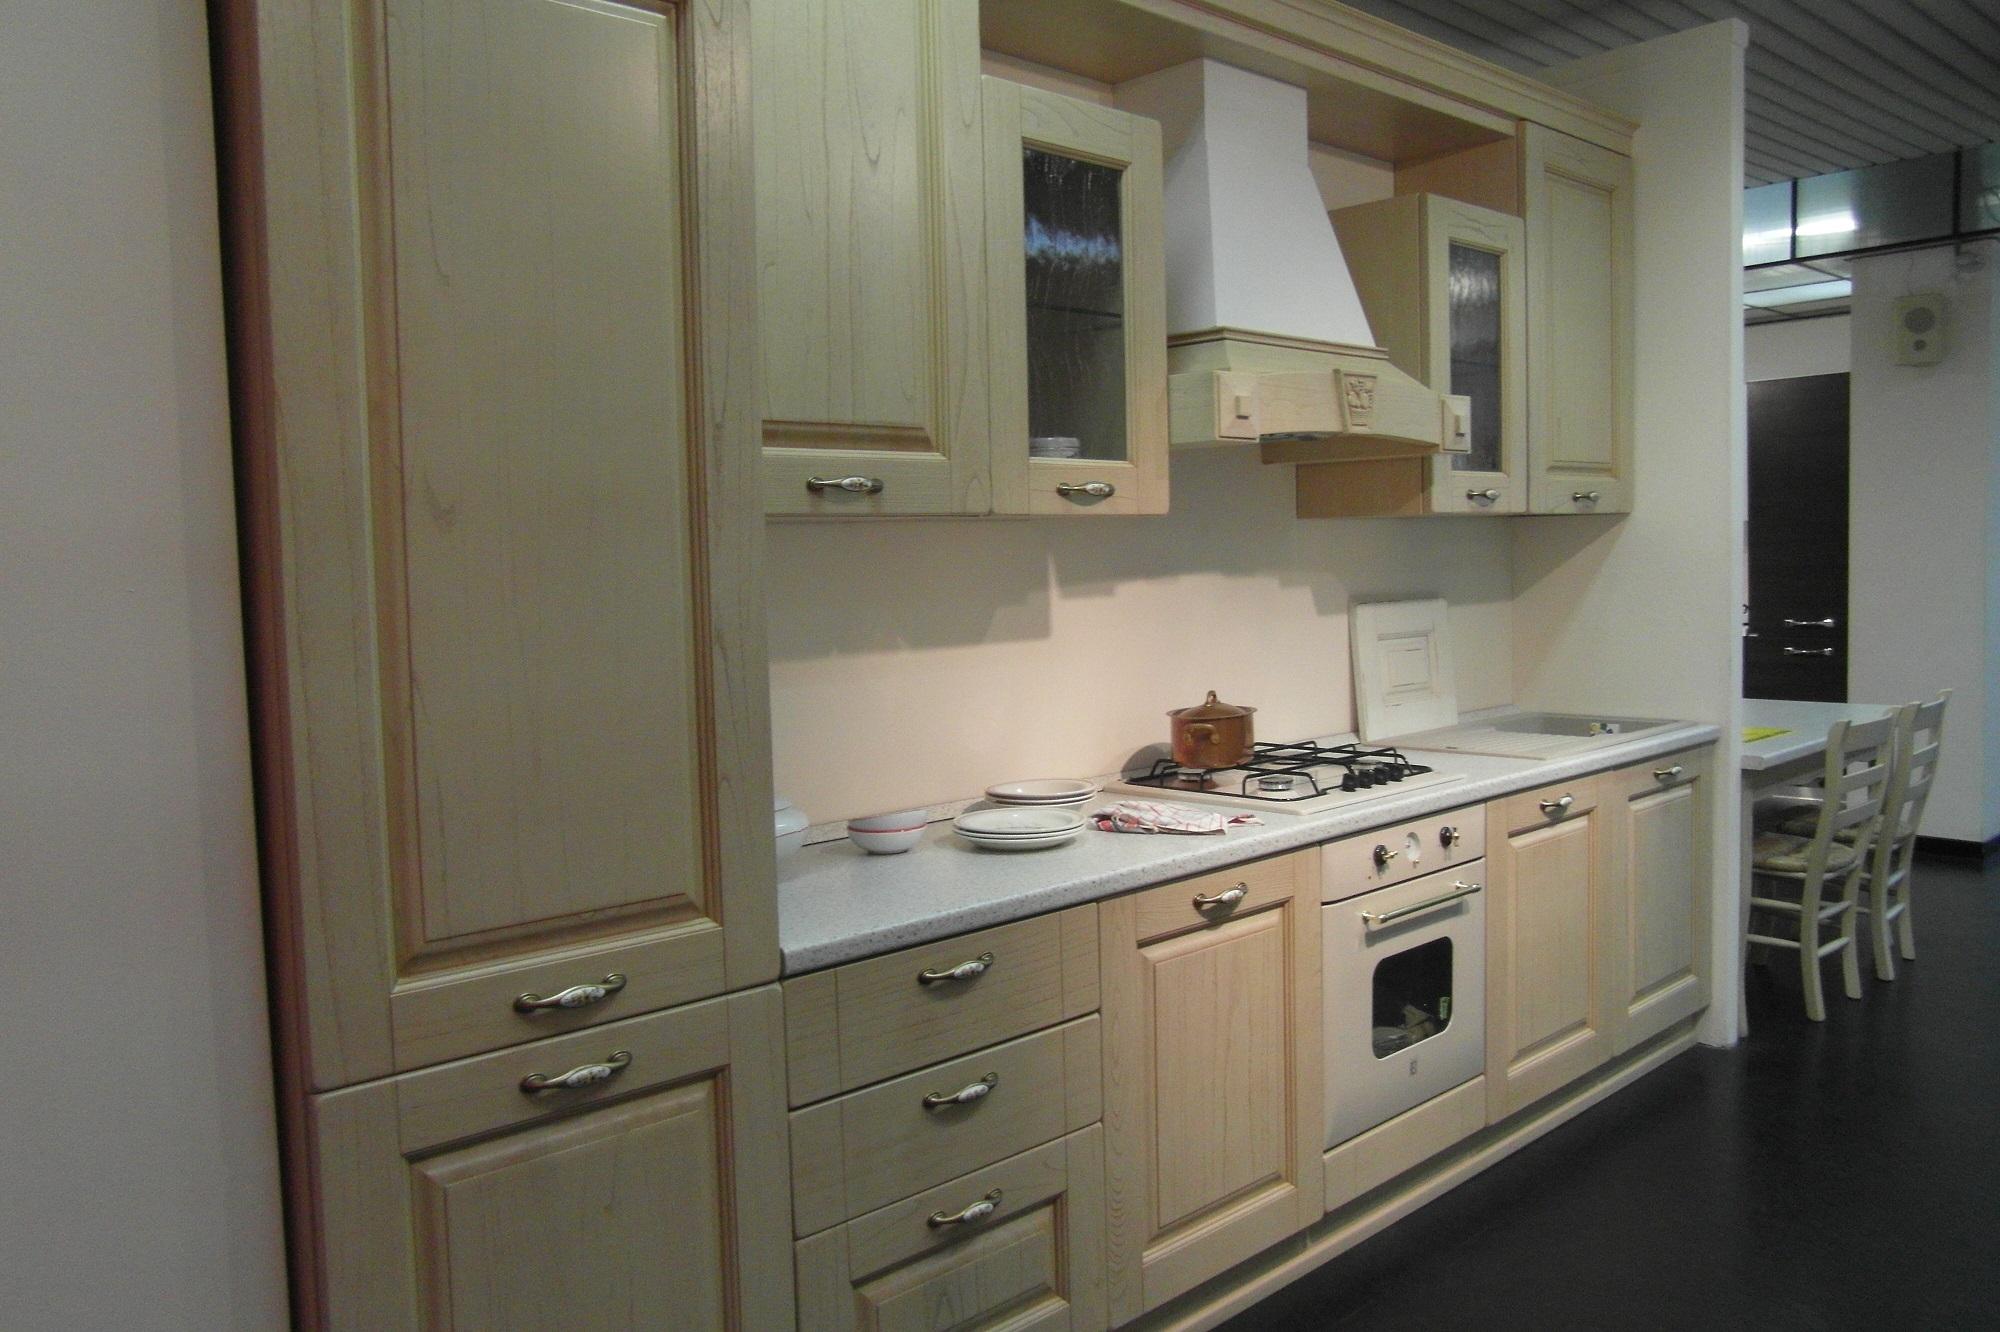 Caminetti da cucina - Cucine a induzione consumi ...